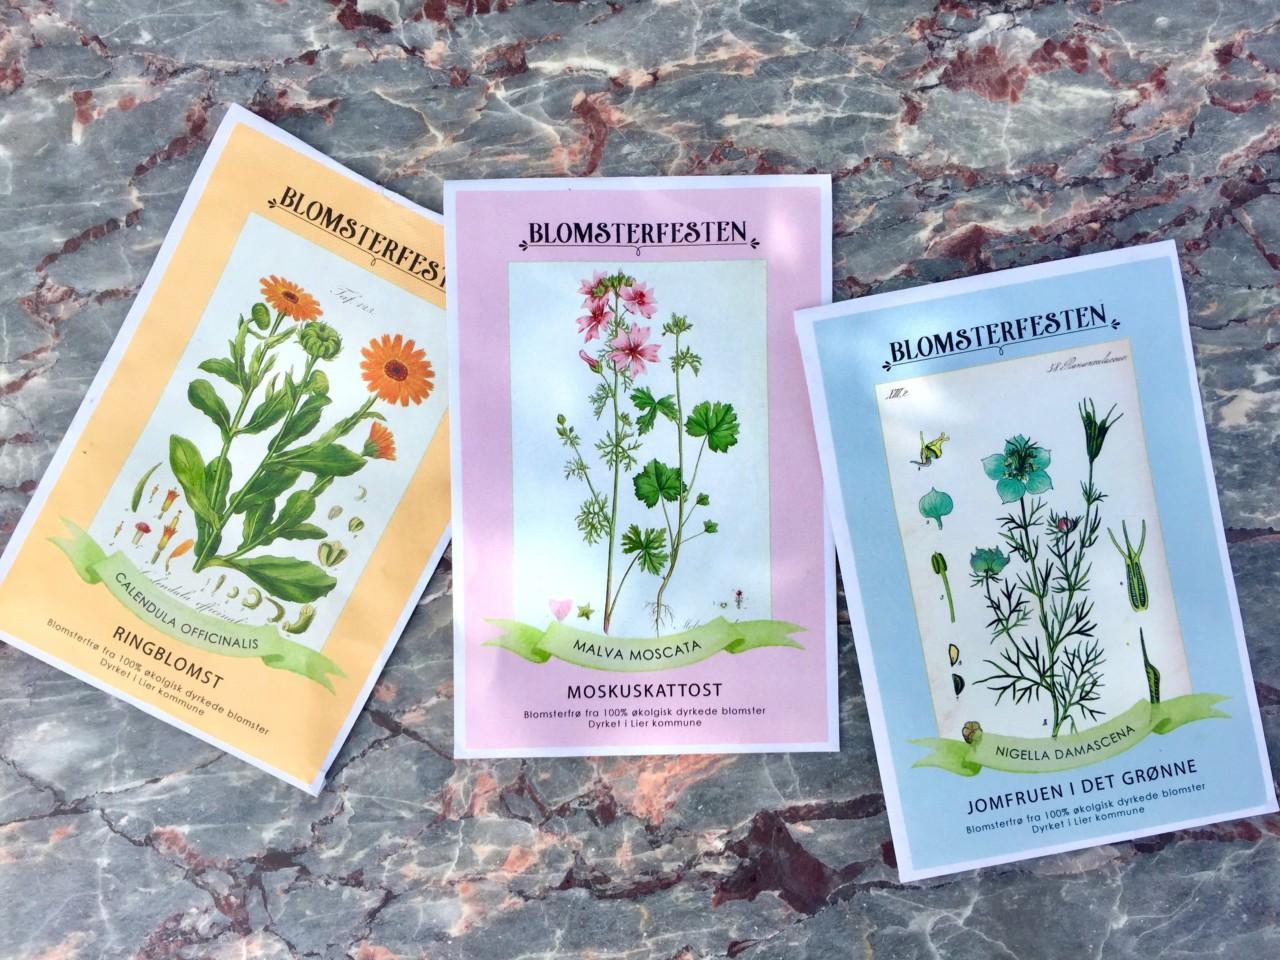 blomsterfesten-organic-seeds-okologiske-fro-spiselige-blomster